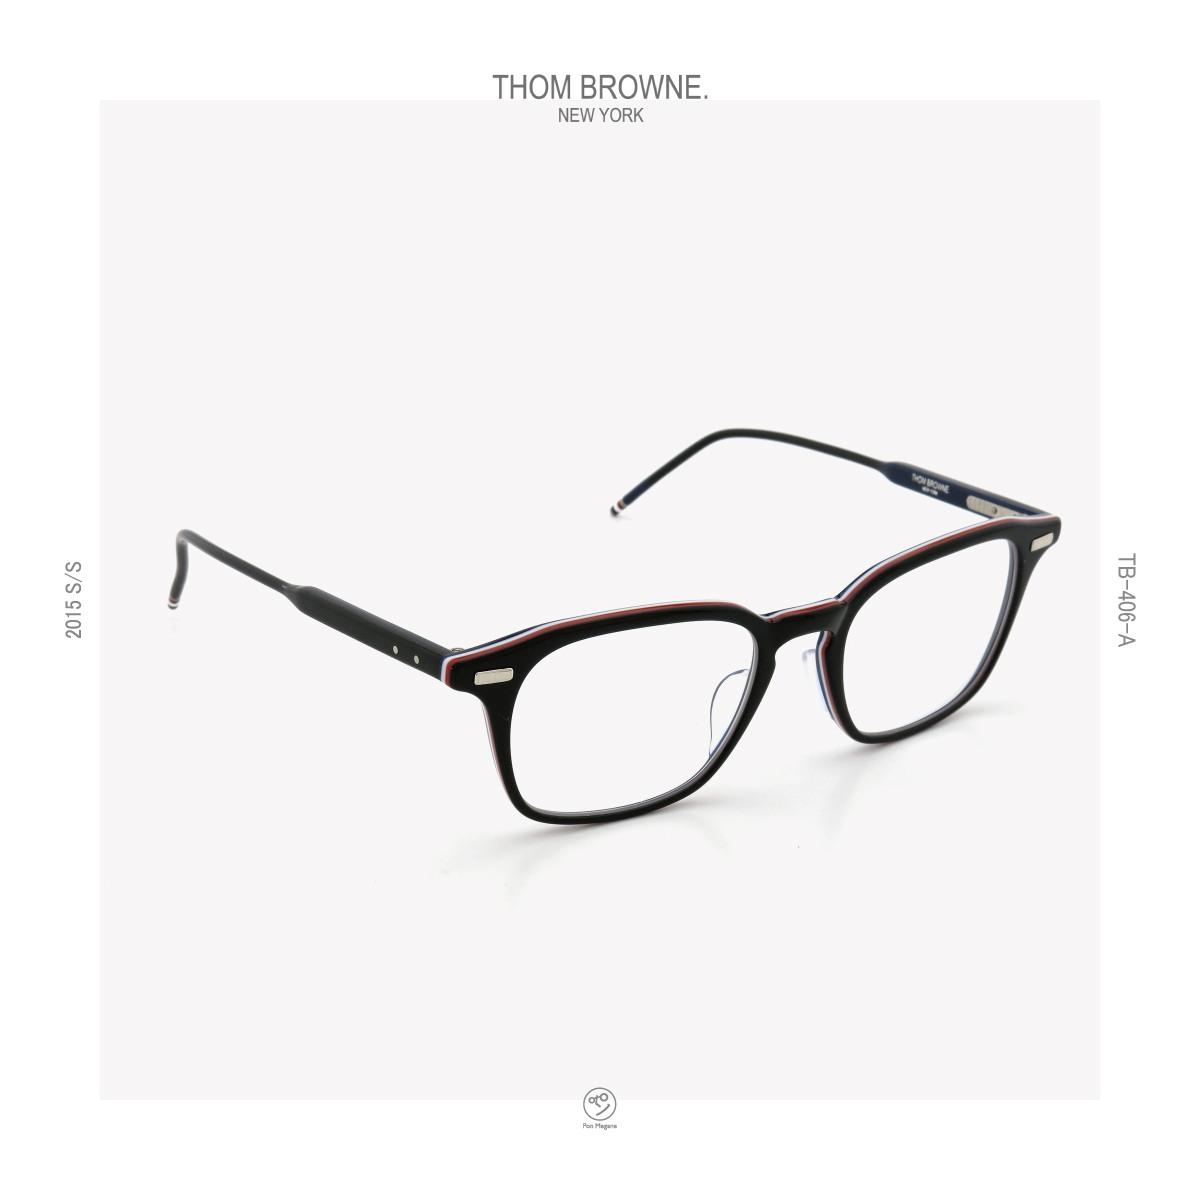 THOM-BROWNE 2015s/s TB-406-A BLK-RWB 51size